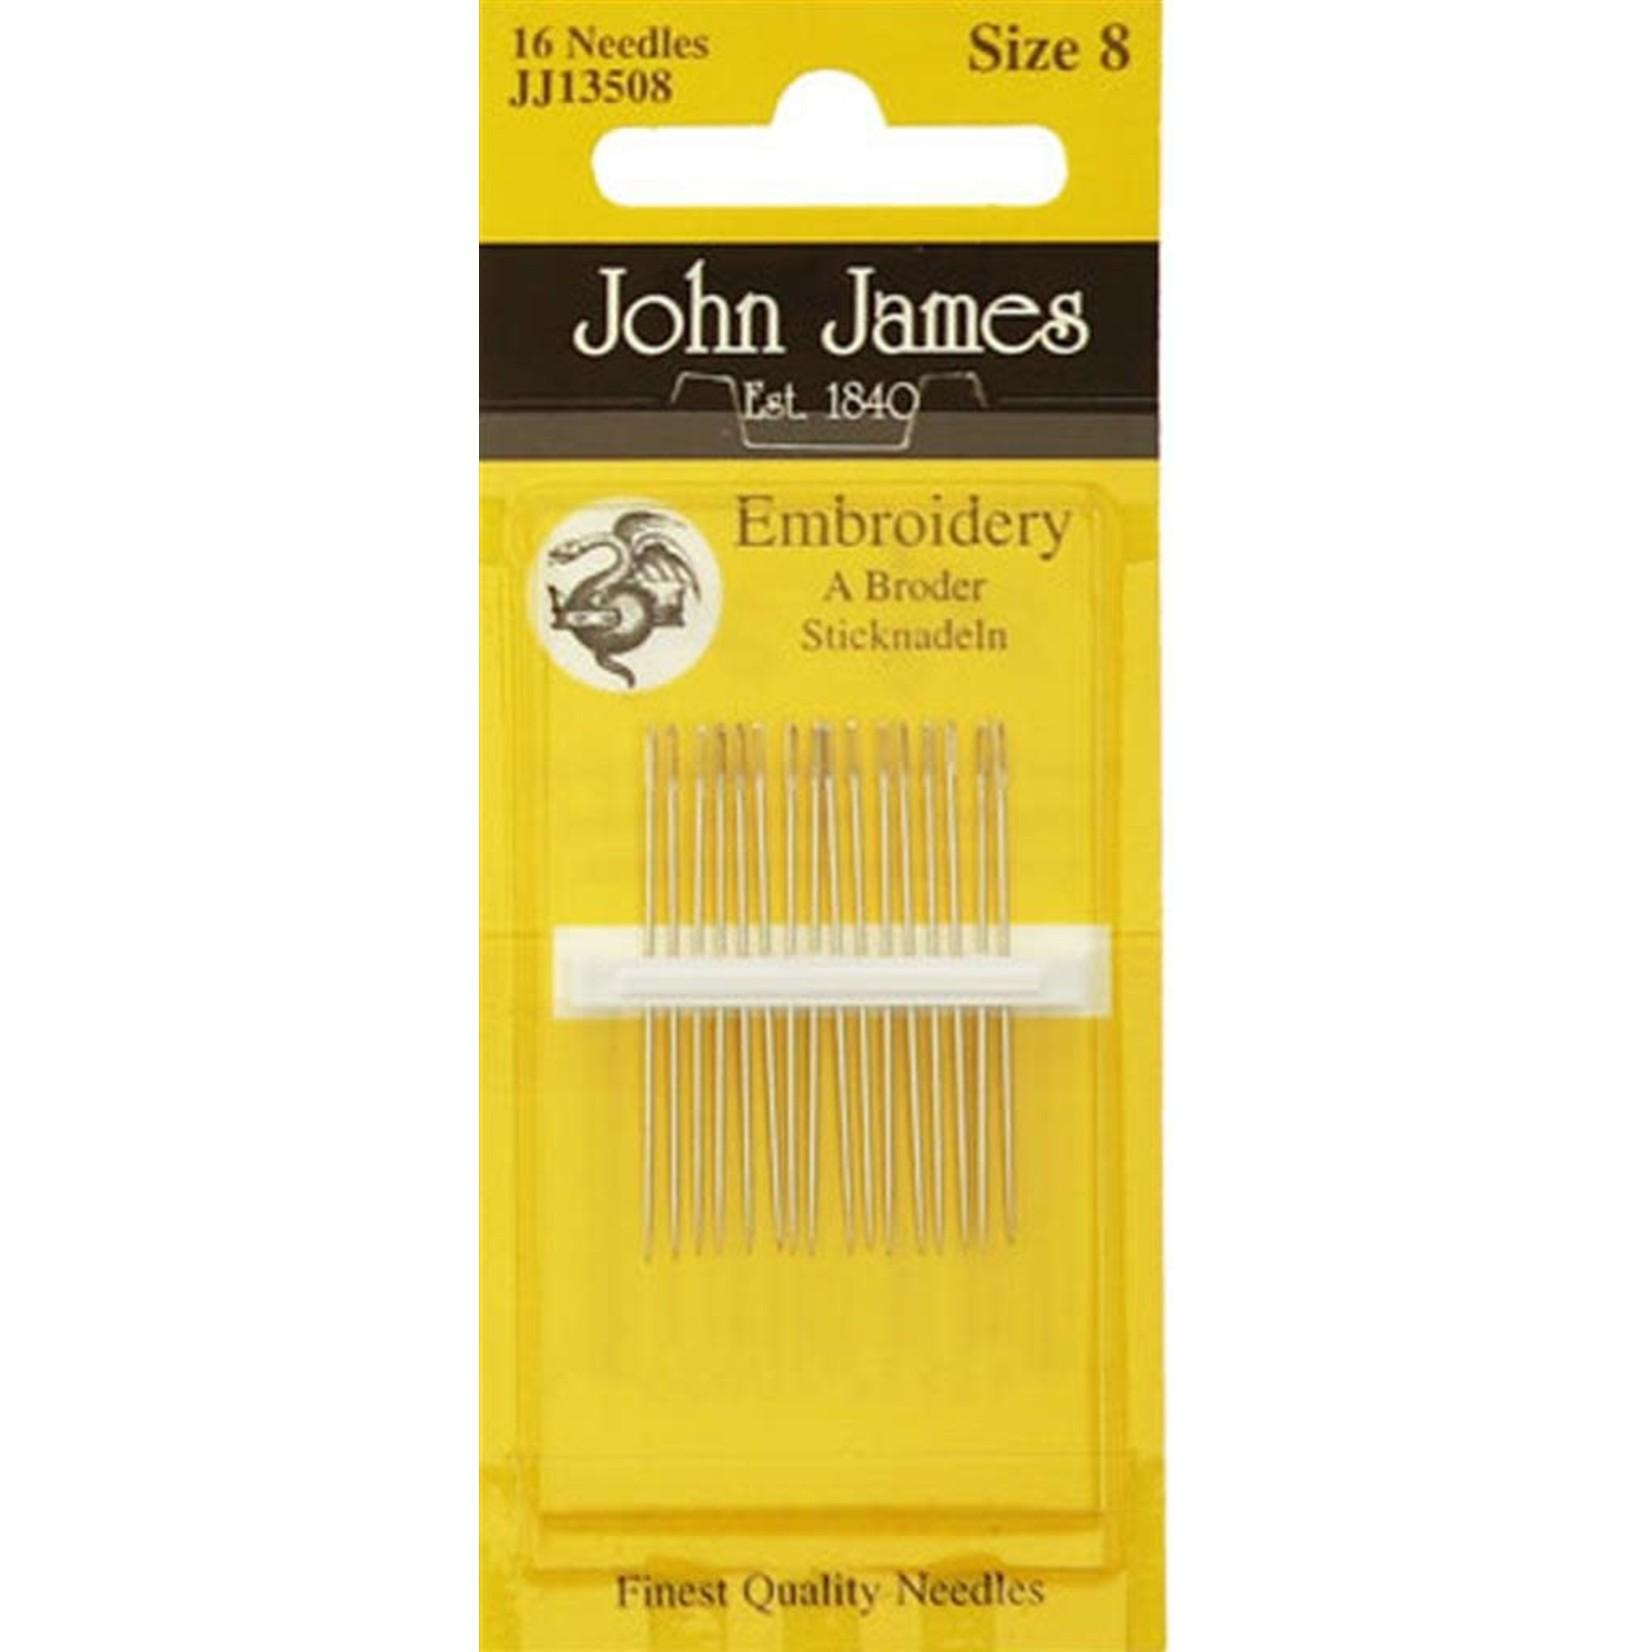 John James Borduurnaalden - Embroidery - Size 8 - 16 stuks